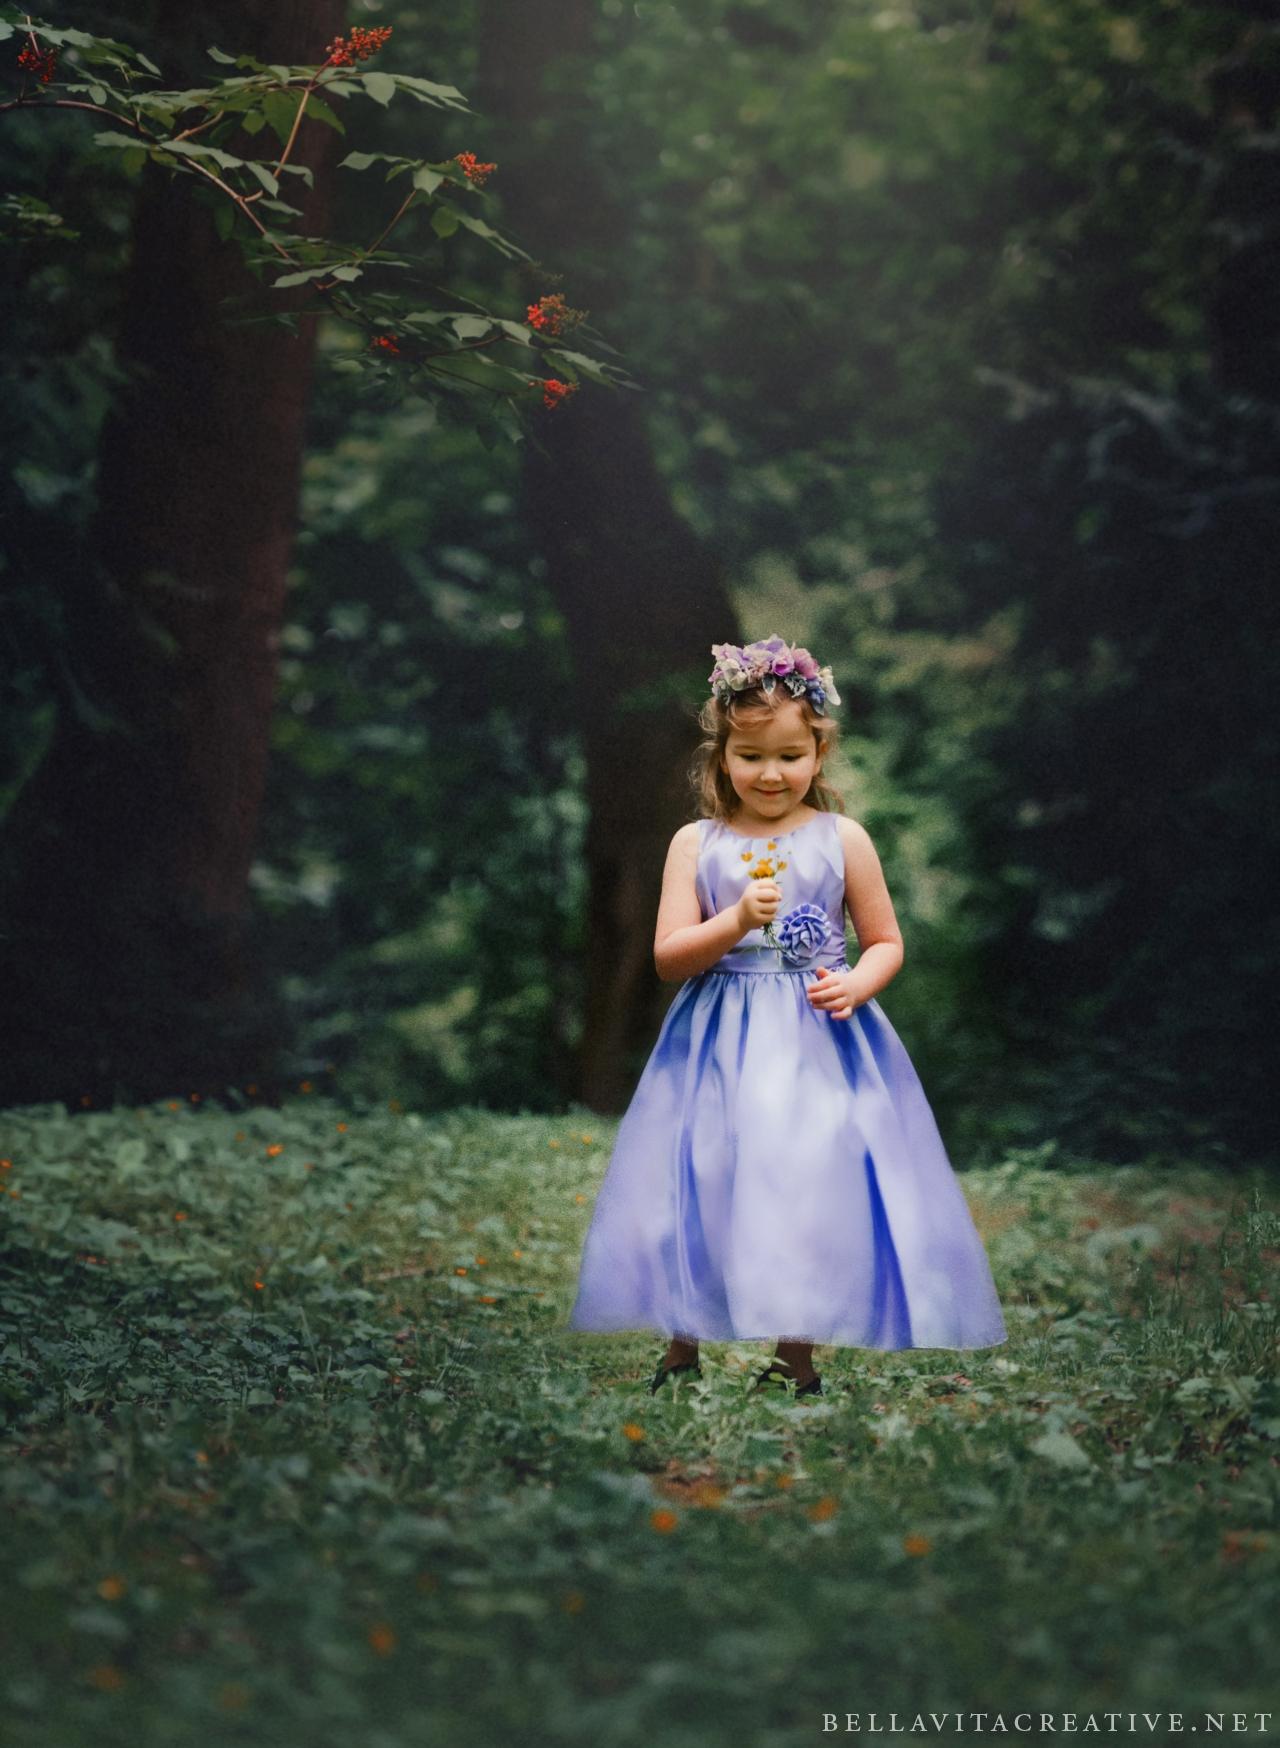 Skagit-County-Children's-Portraits-Bella-Vita-Creative_0012.jpg